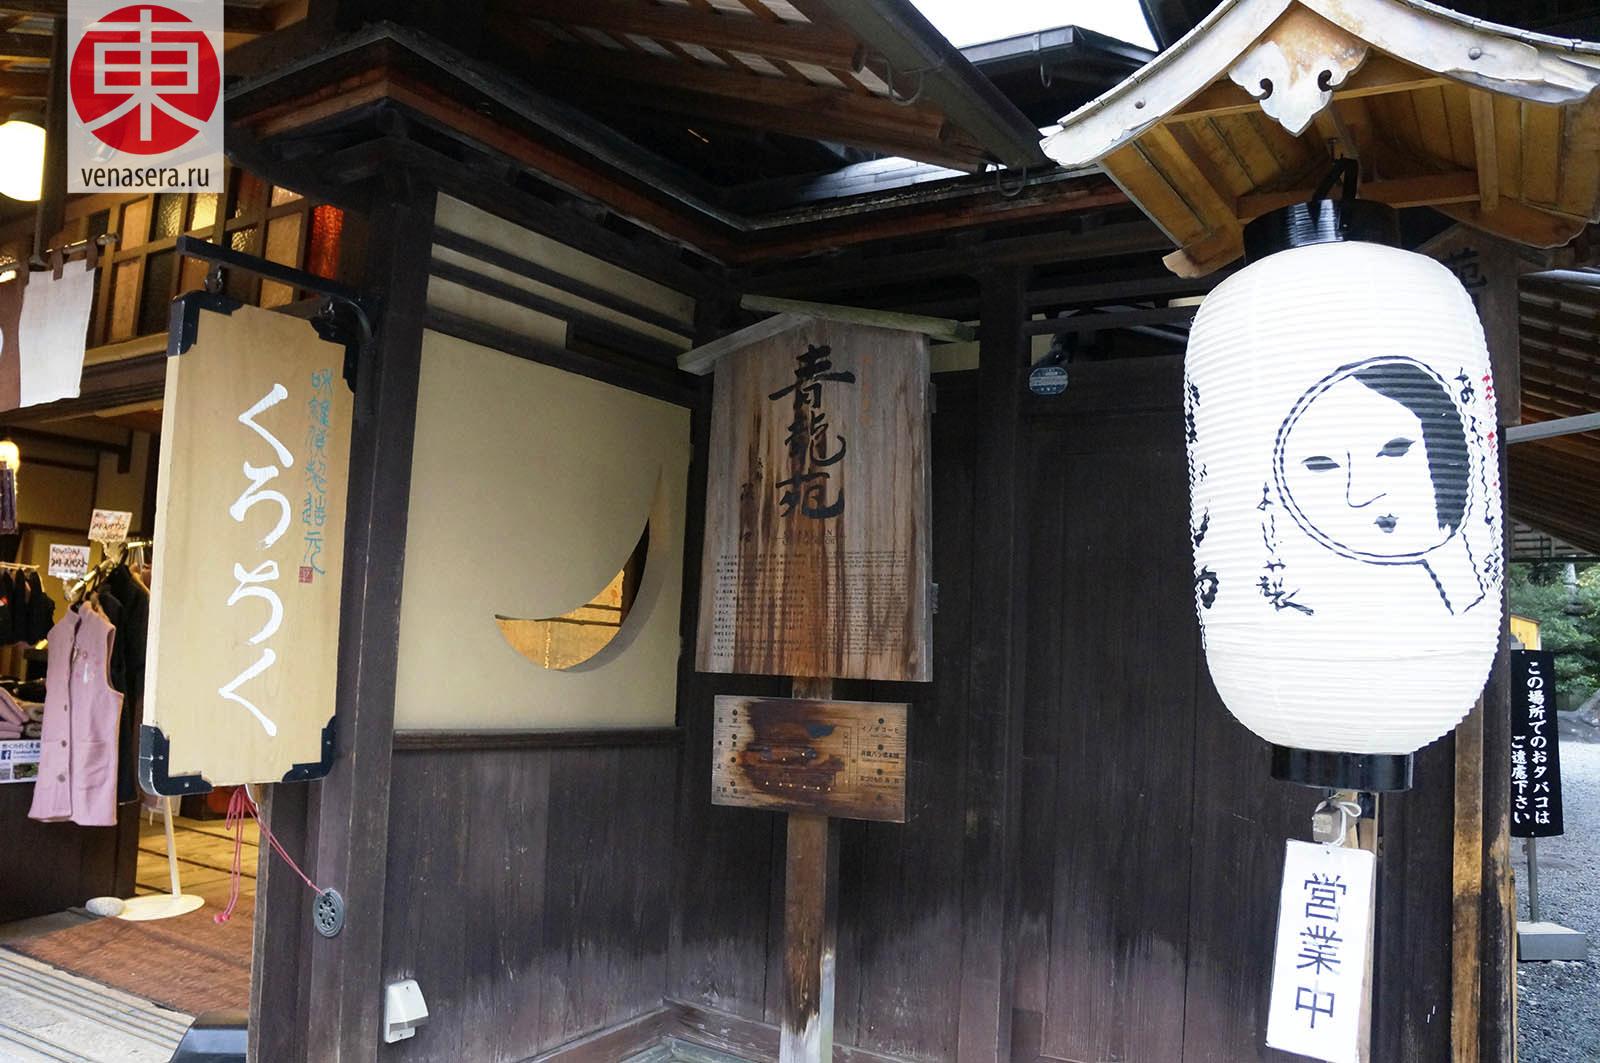 Киото, Kyoto, 京都, Япония, Japan, 日本.